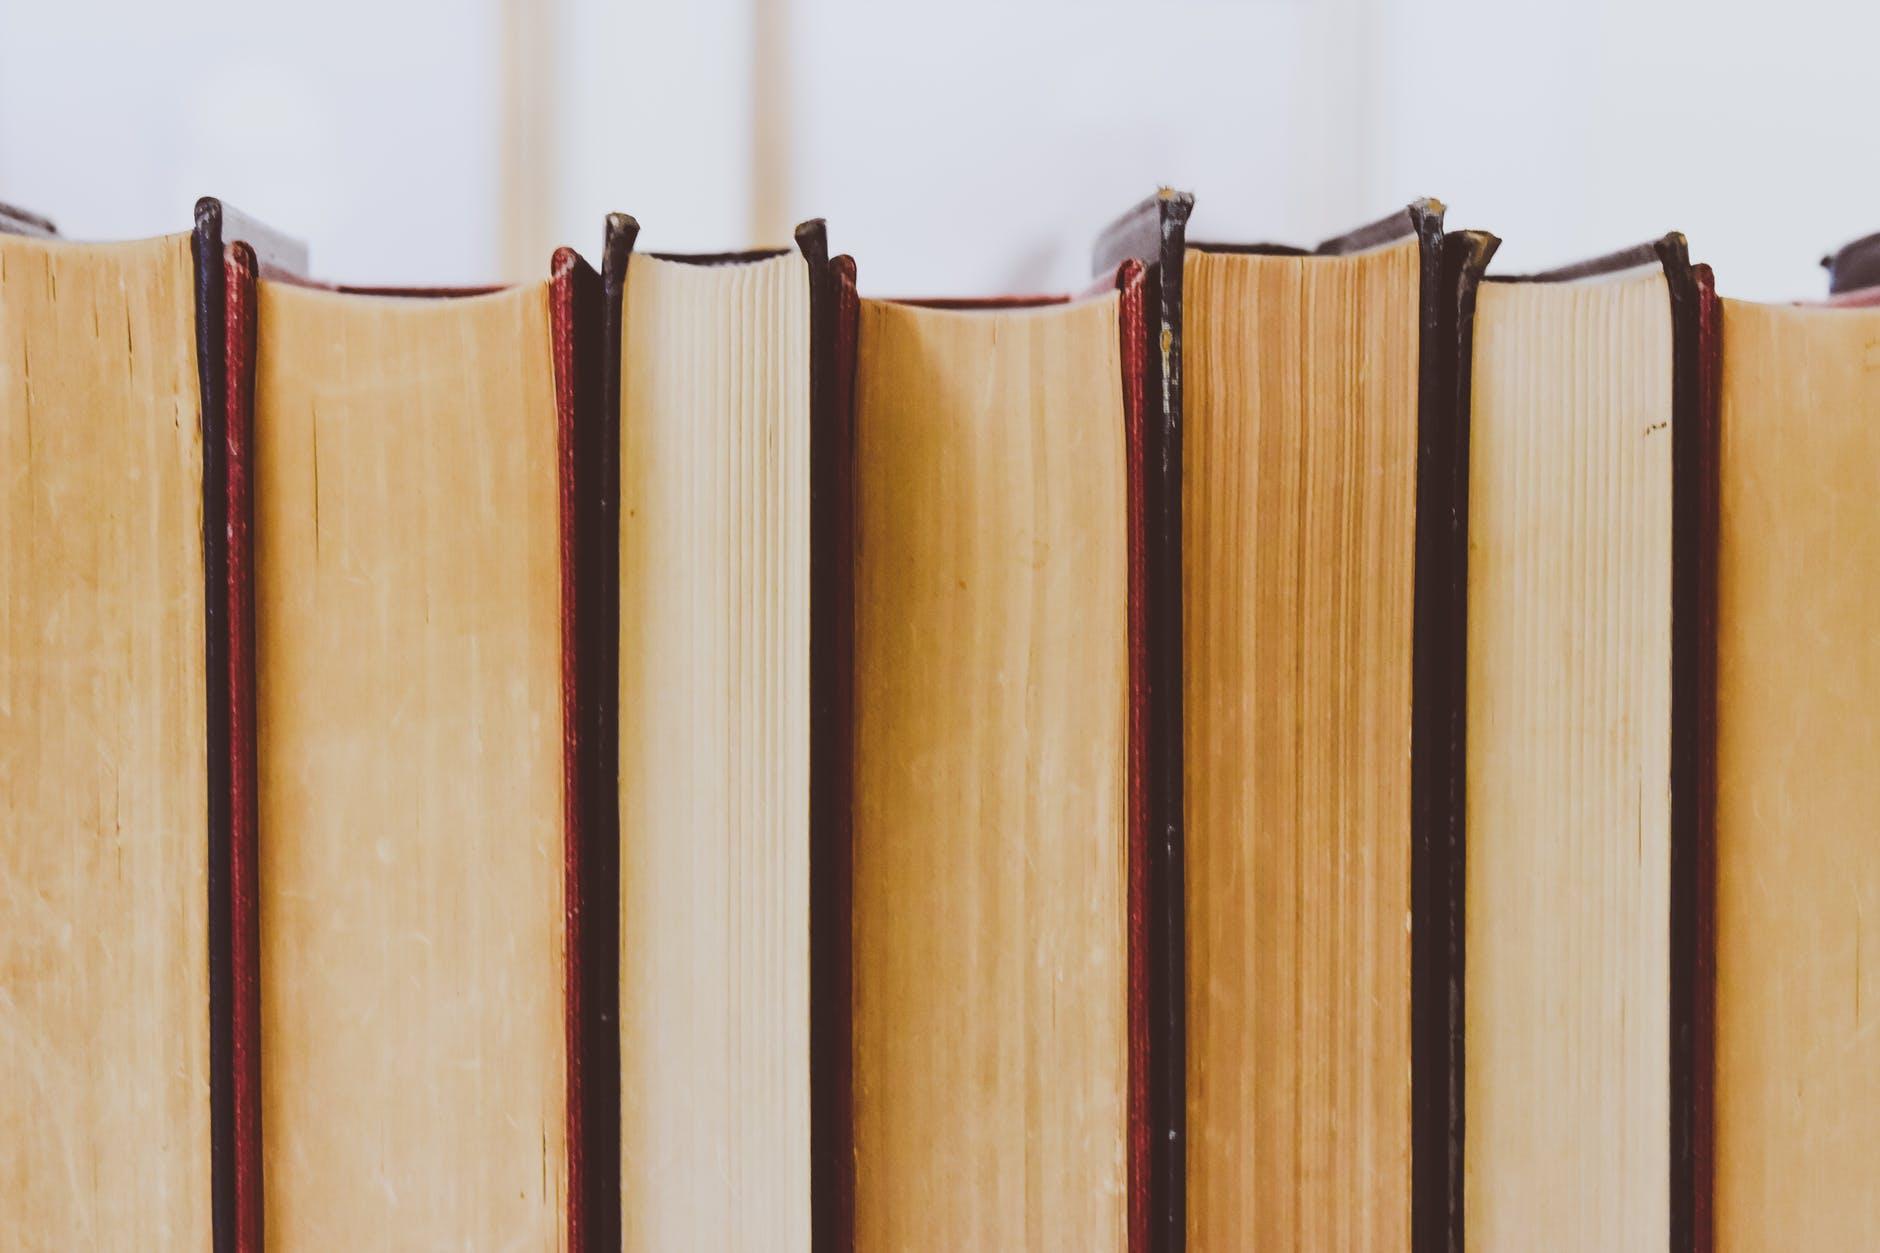 livros-sobre-crm